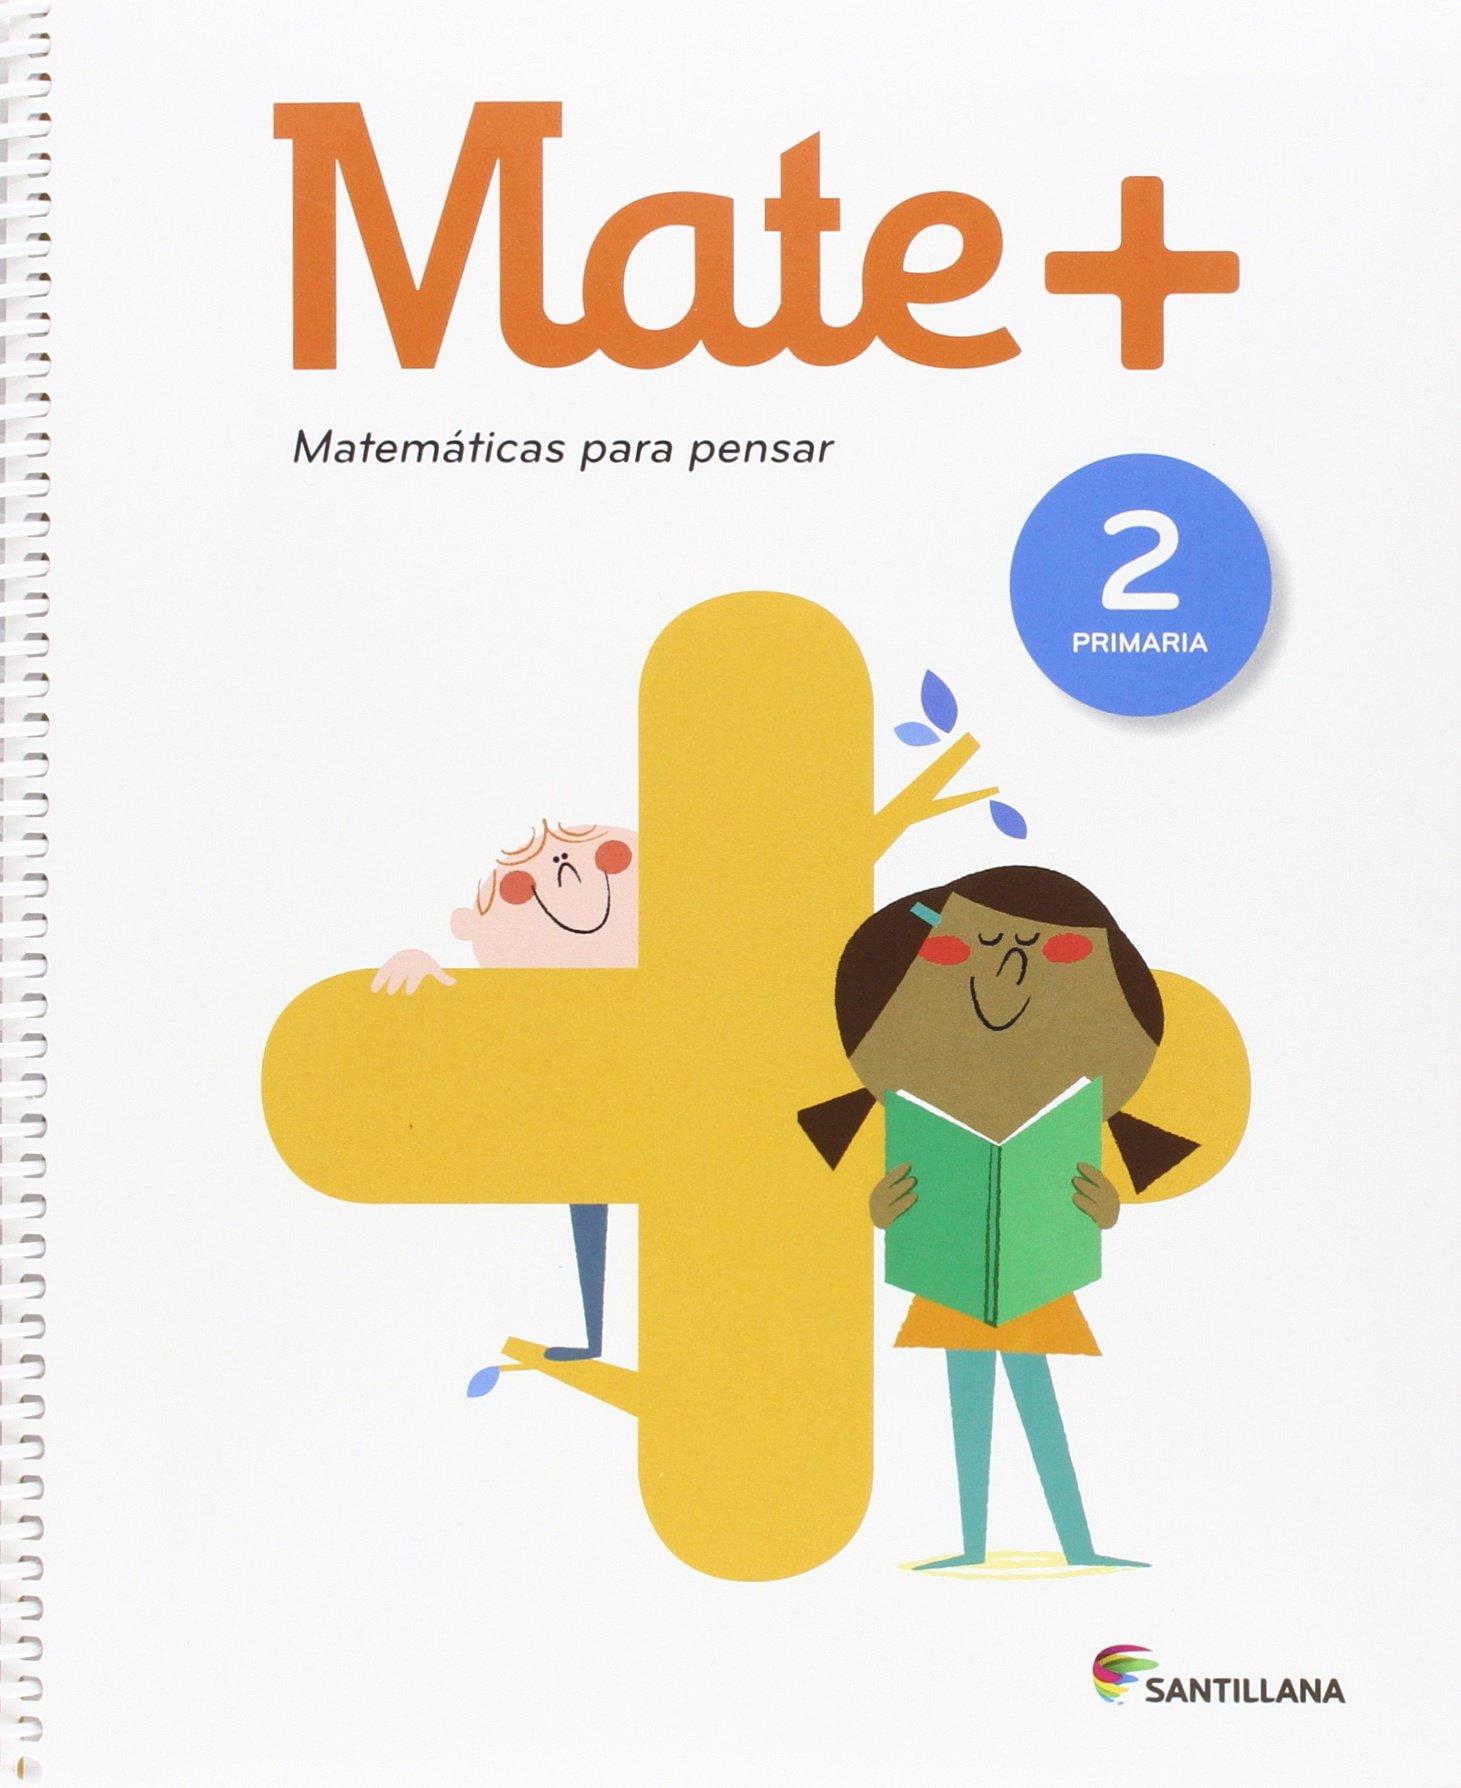 MATE+ MATEMATICAS PARA PENSAR 2 PRIMARIA - 9788468025452: Amazon.es: Aa.Vv.: Libros